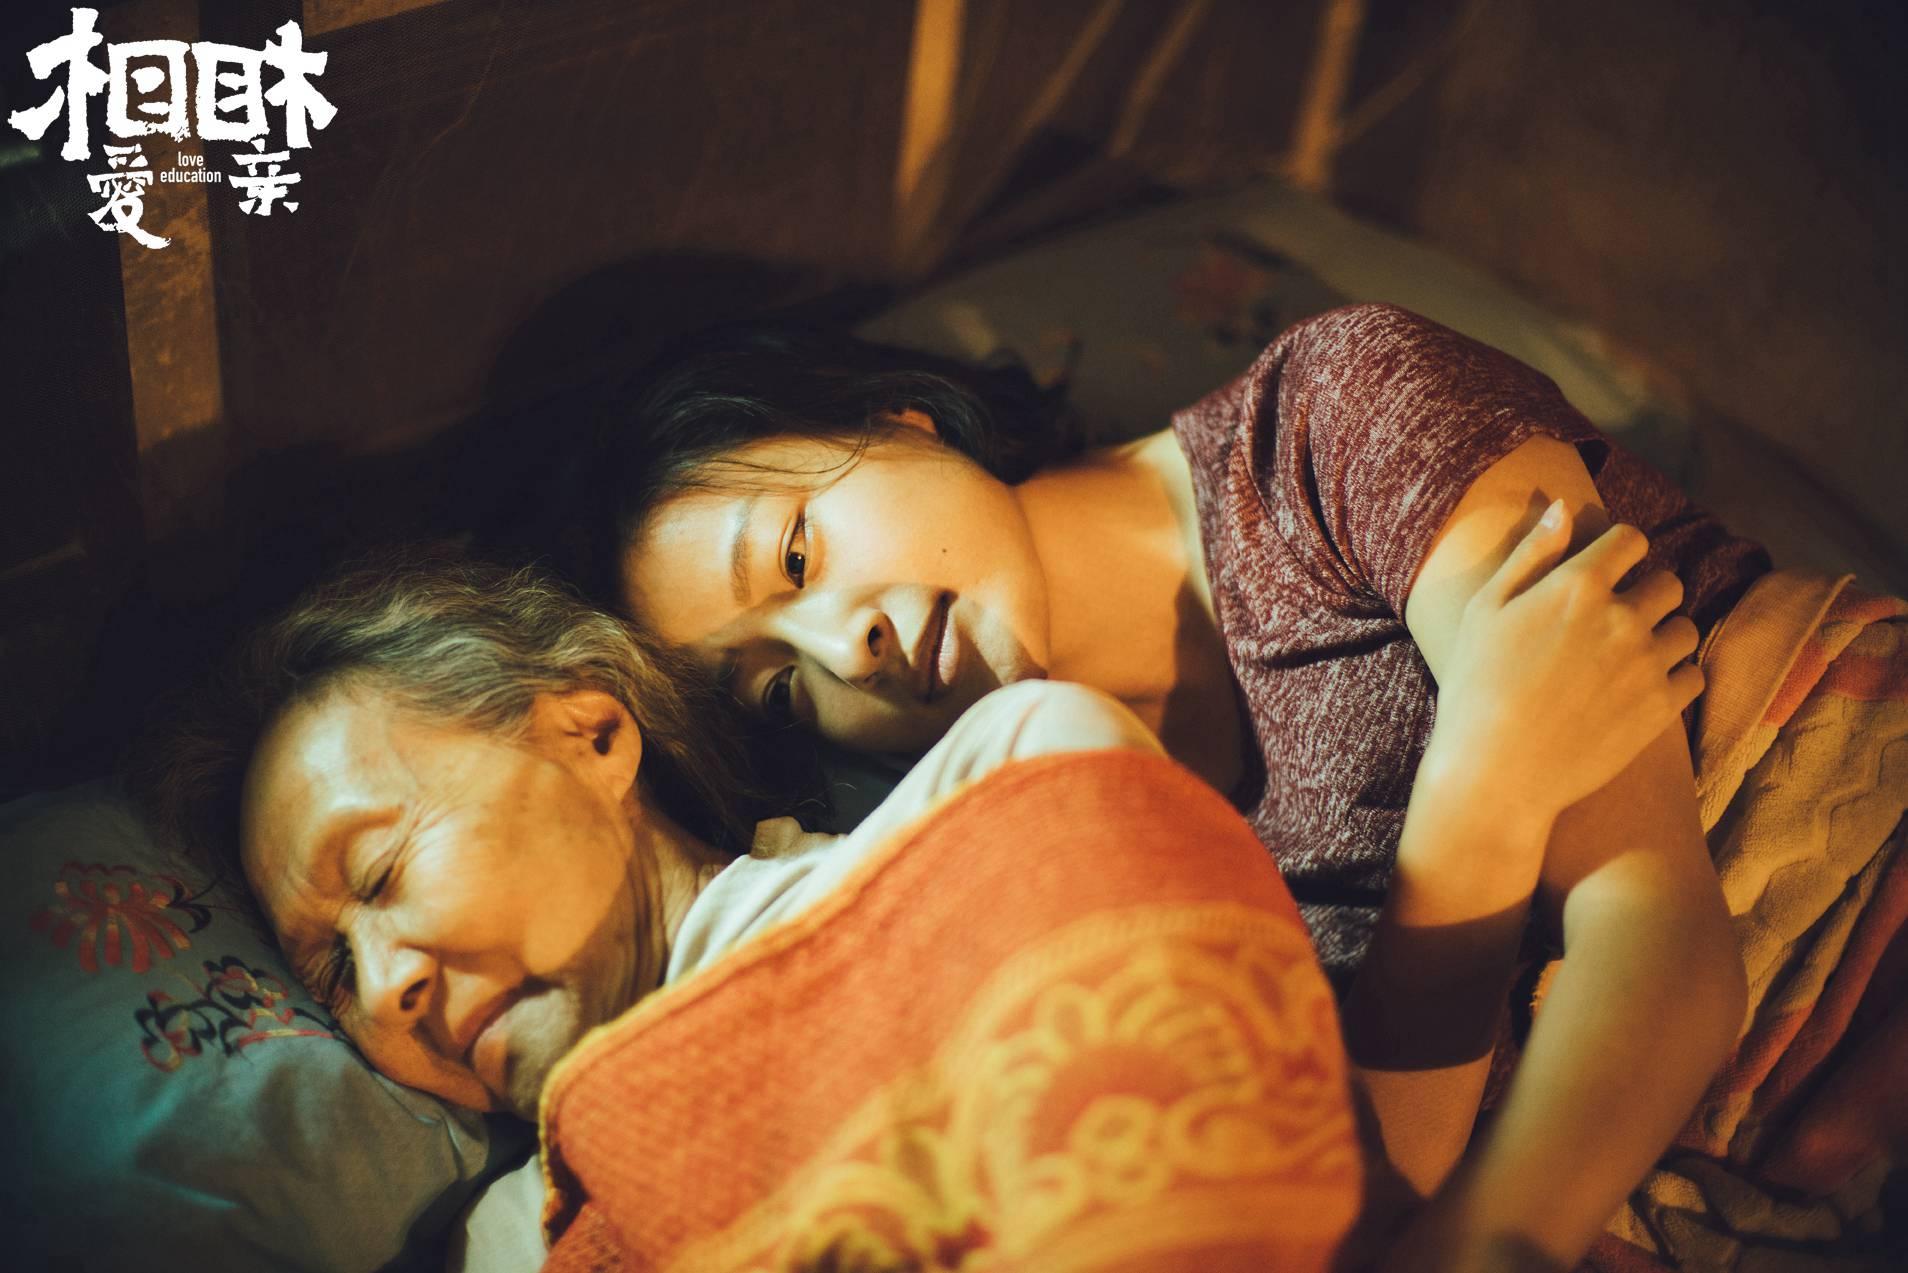 电影《相爱相亲》影片中吴彦姝和郎月婷之间特殊的隔代情让人倍感温暖.jpg